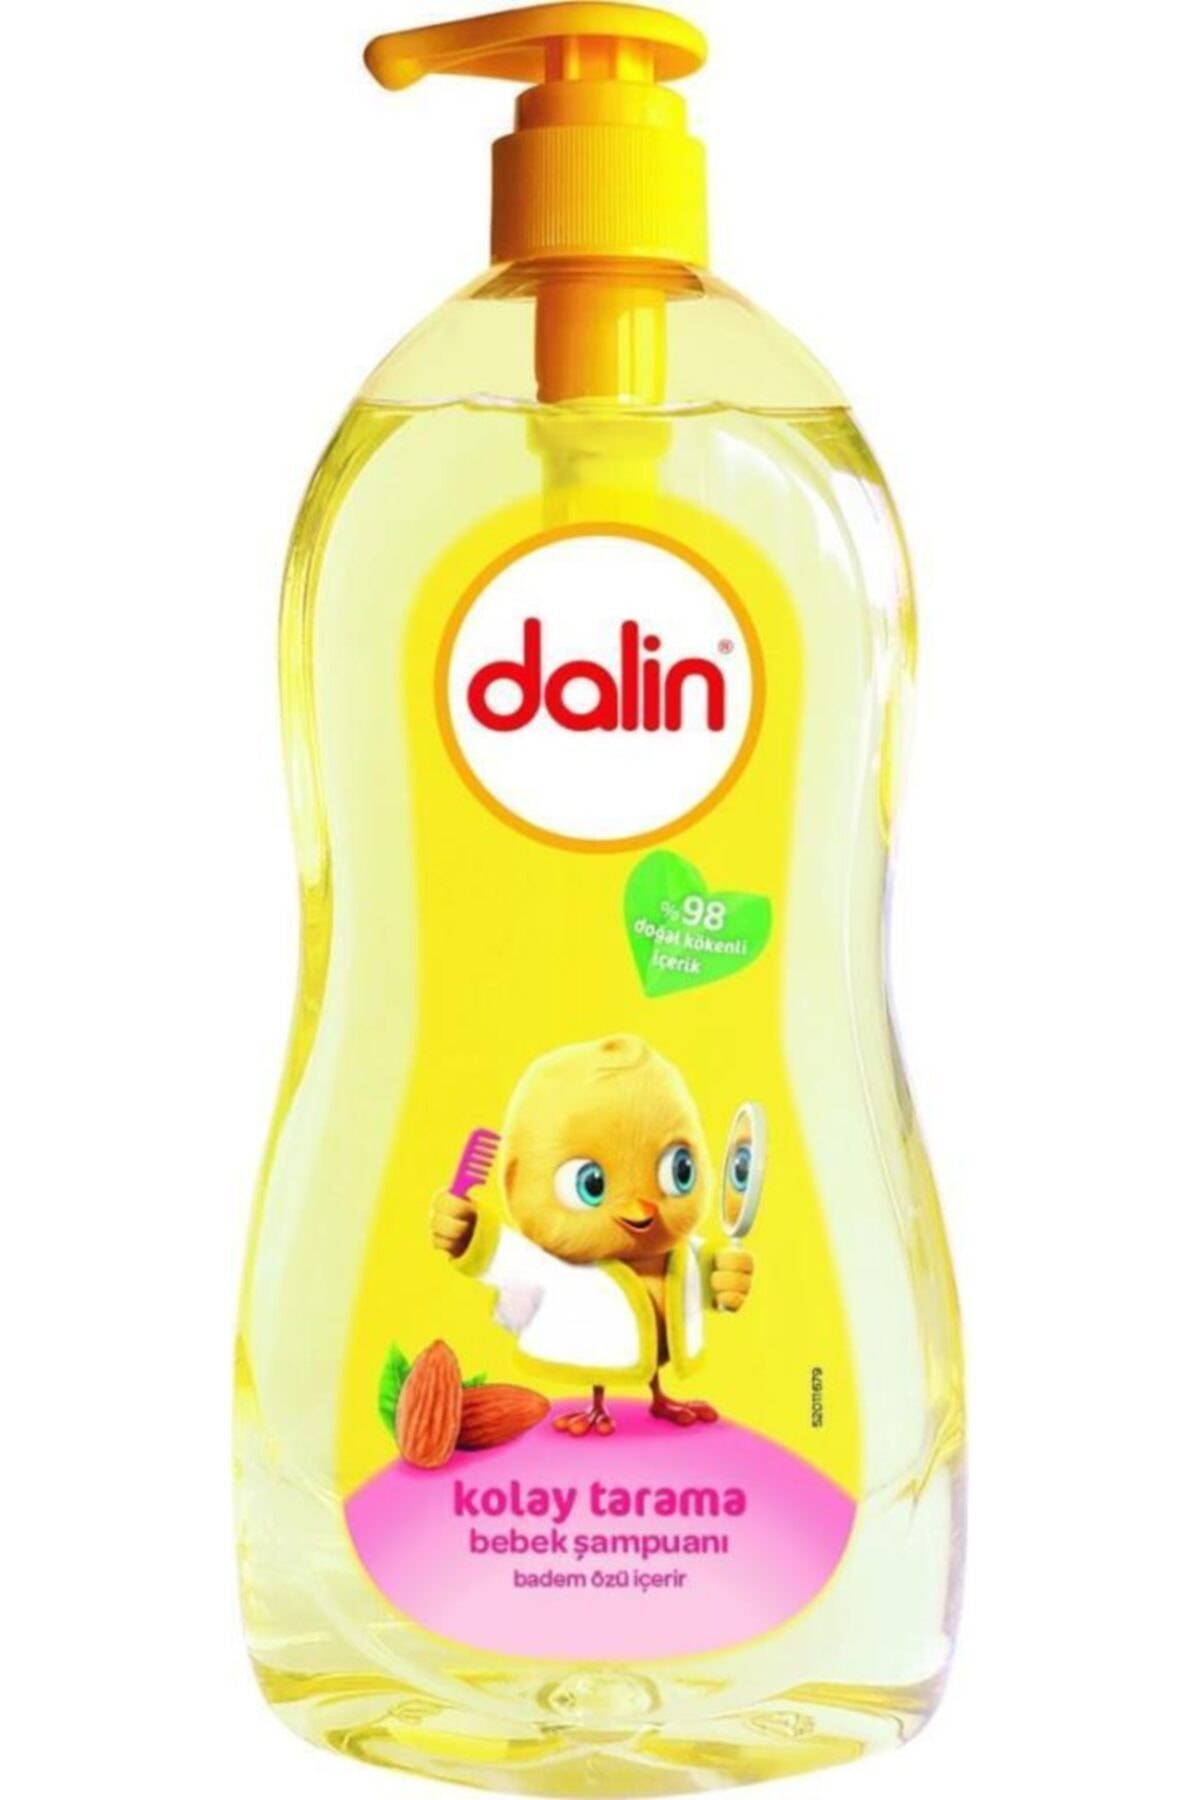 Dalin Badem Özlü Kolay Tarama Bebek Şampuanı 400 ml 1